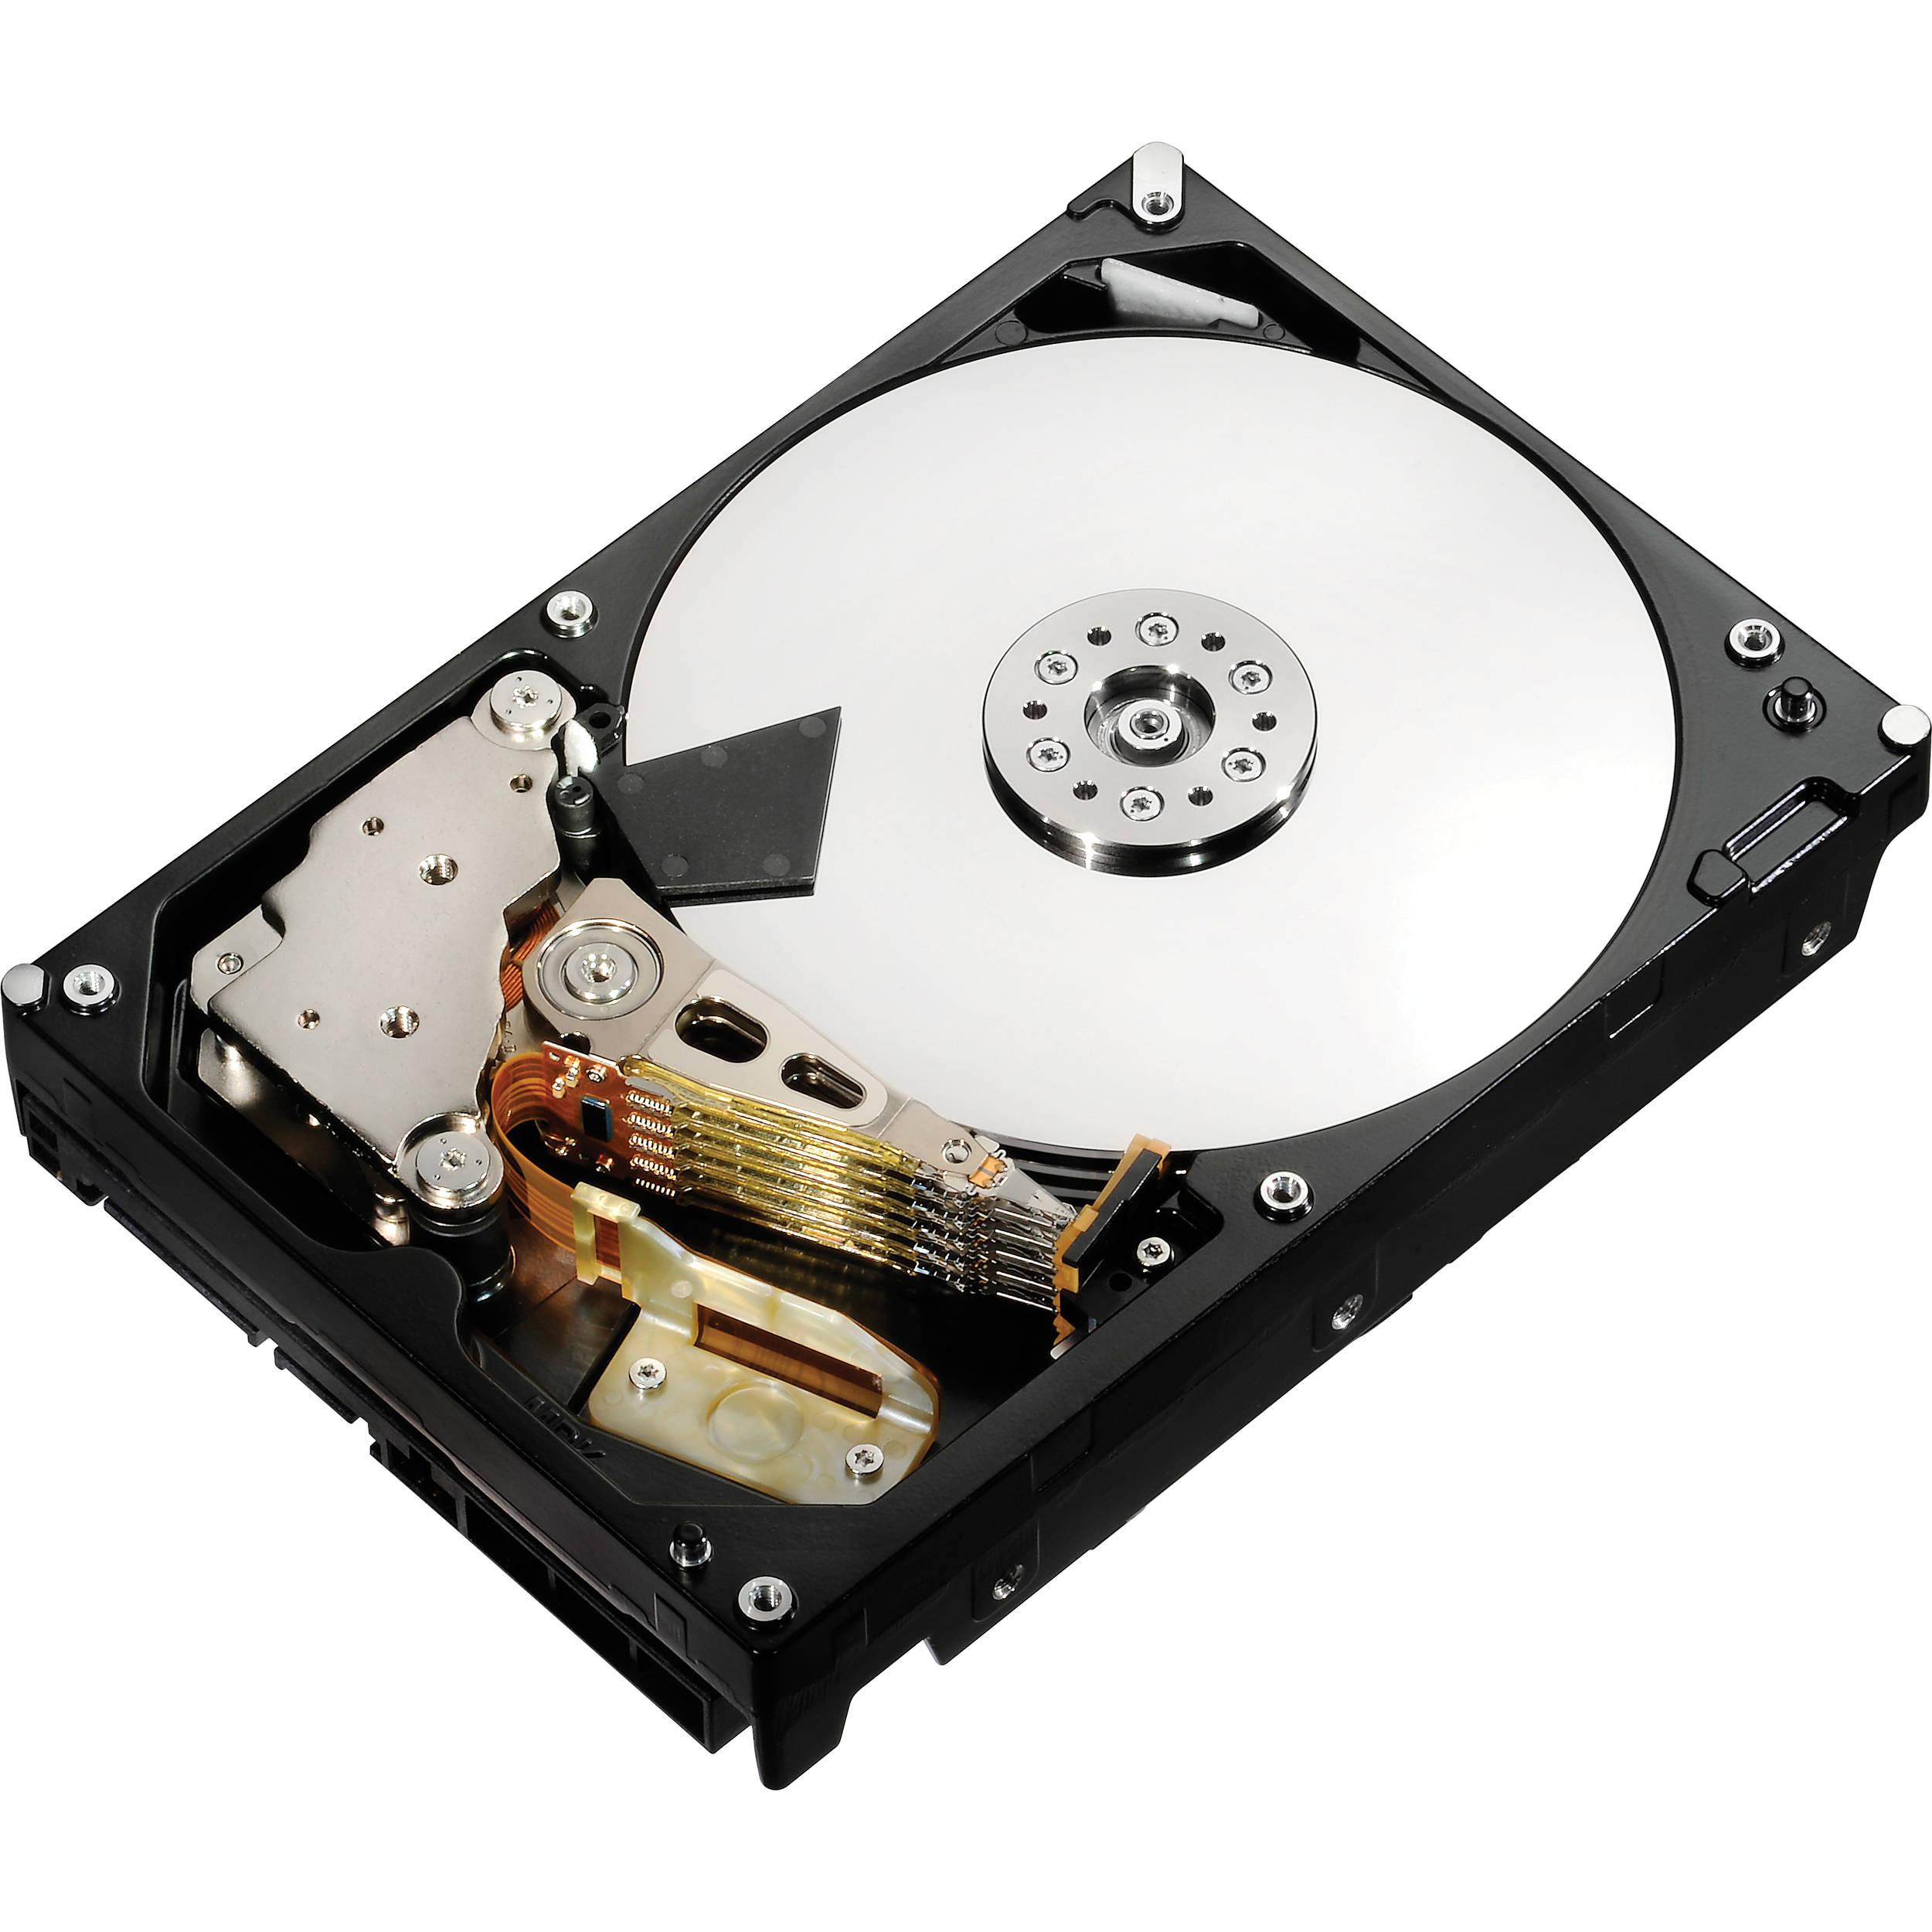 HGST 2TB HUS724020ALE640 UltraStar 7K4000 HDD - Hard Drive PNG HD